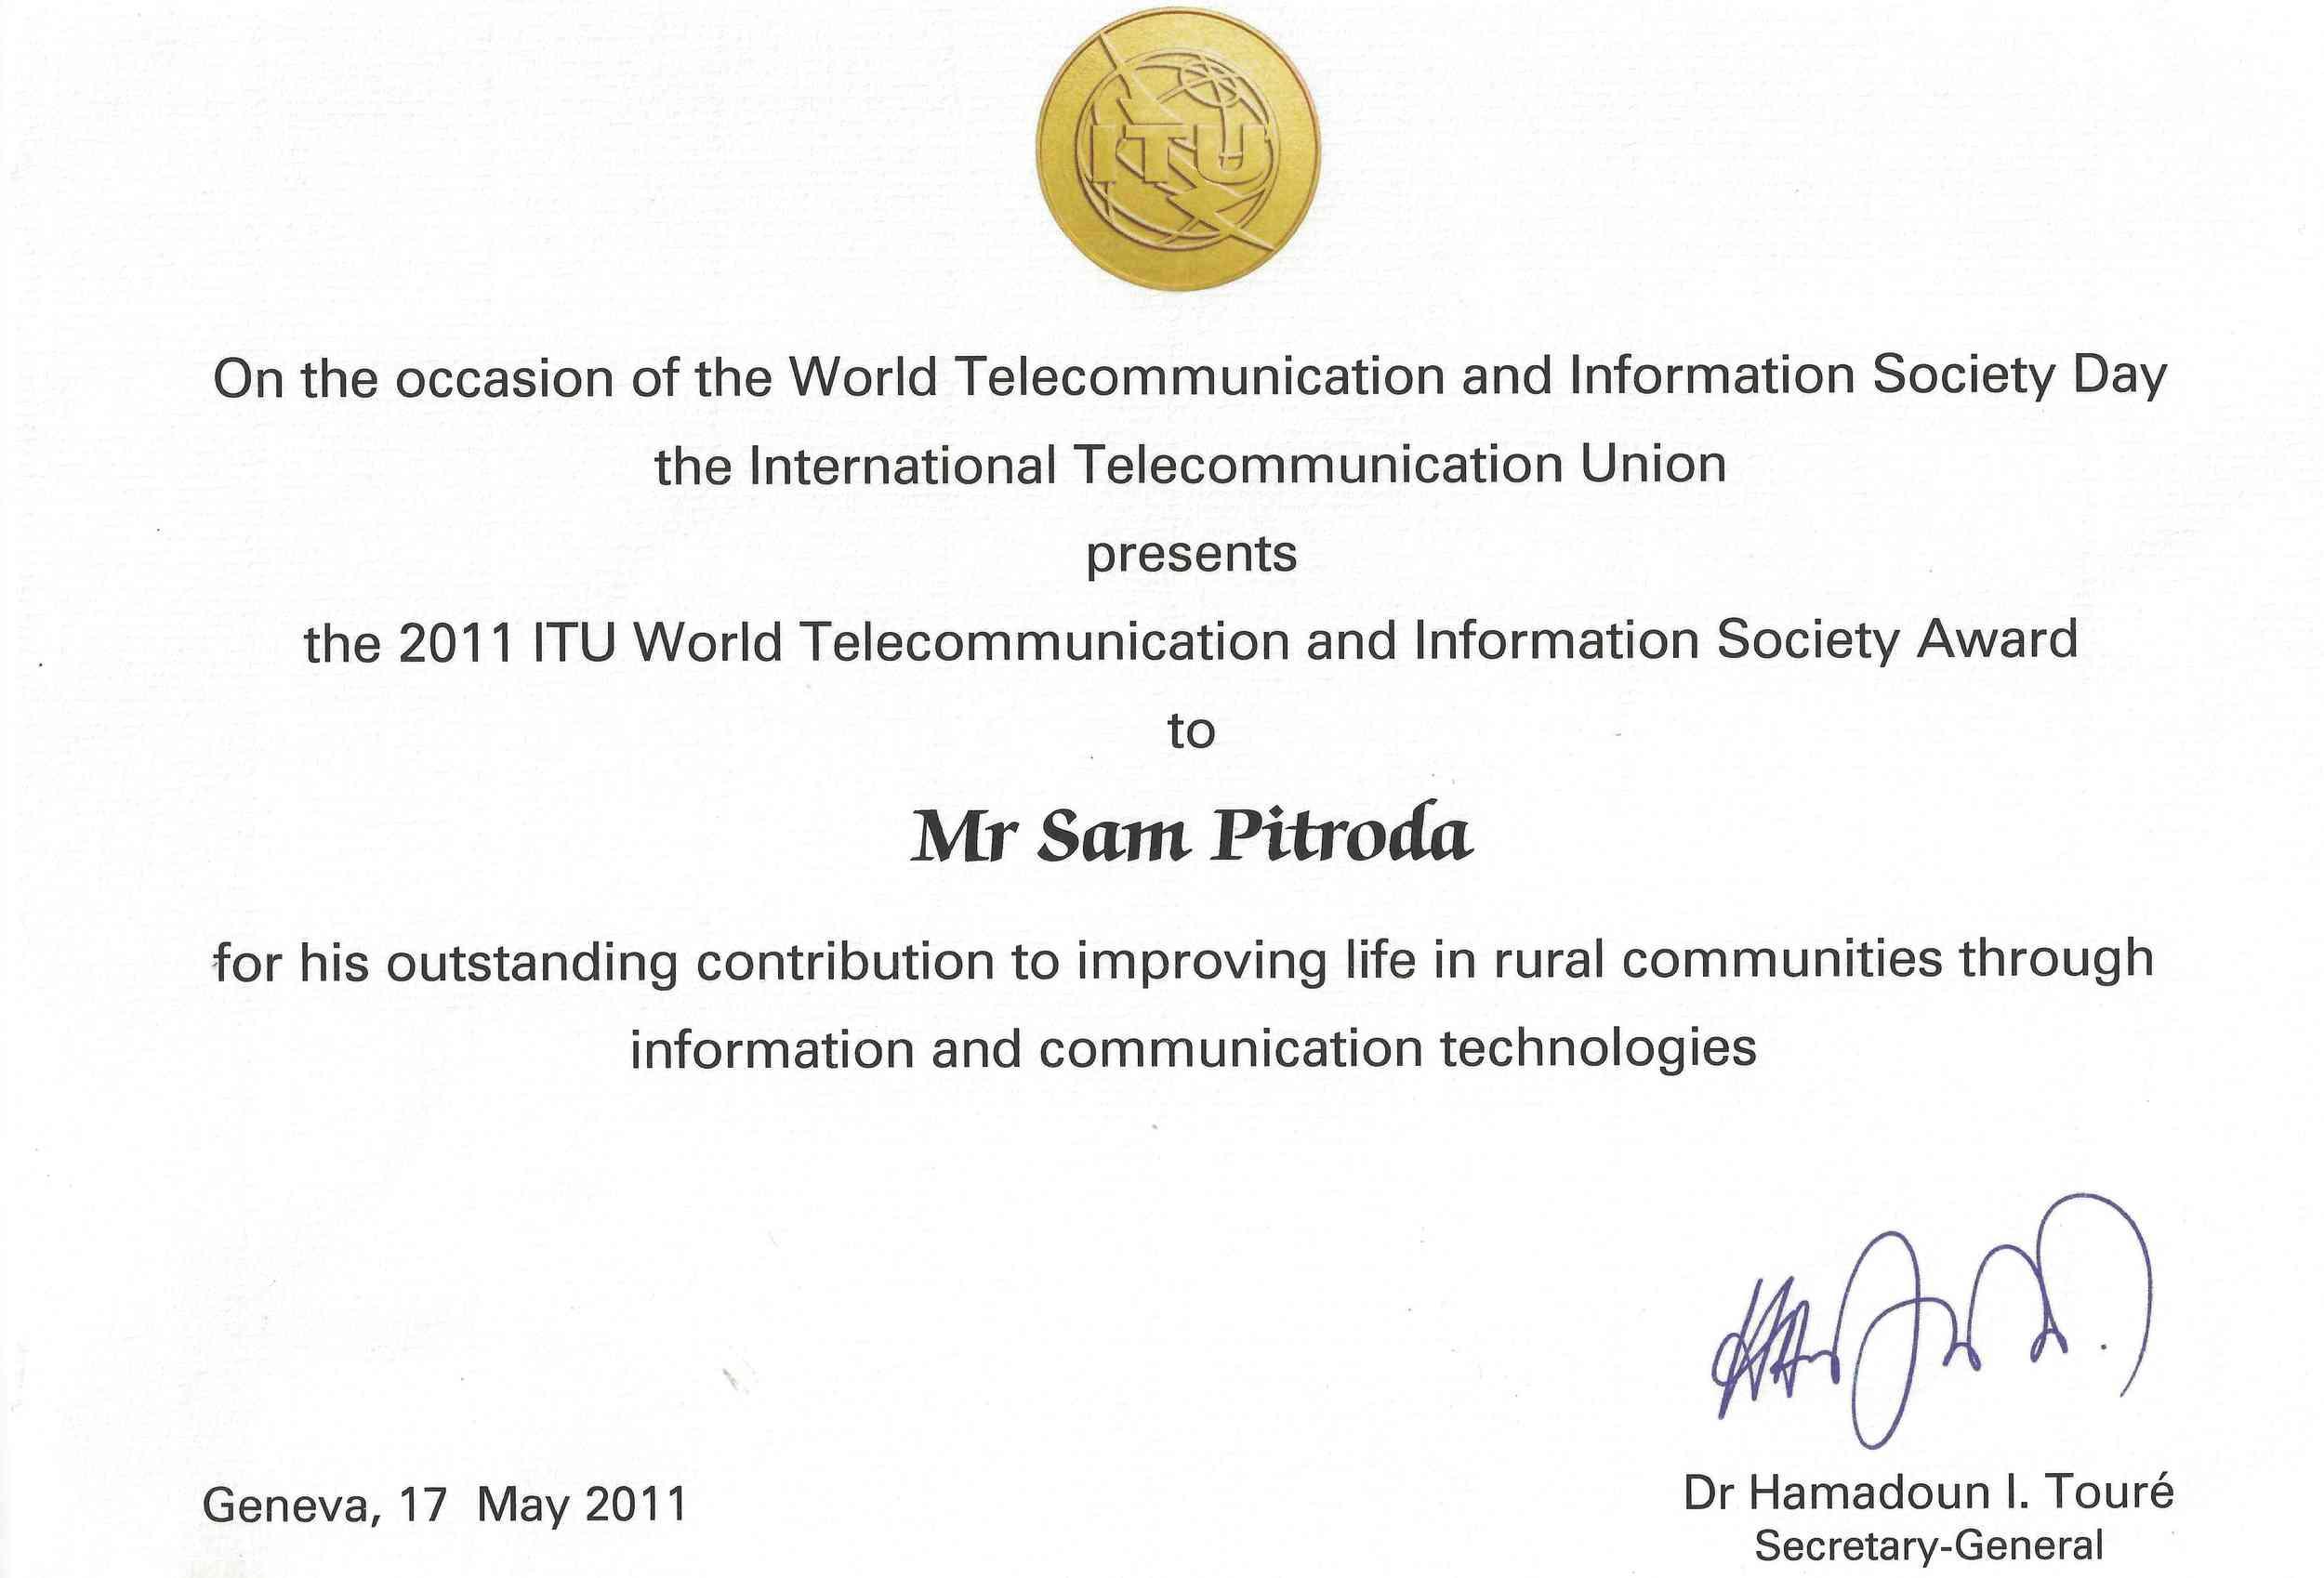 ITU World Telecommunication and Information Society Award, International Telecommunication Union, 2011